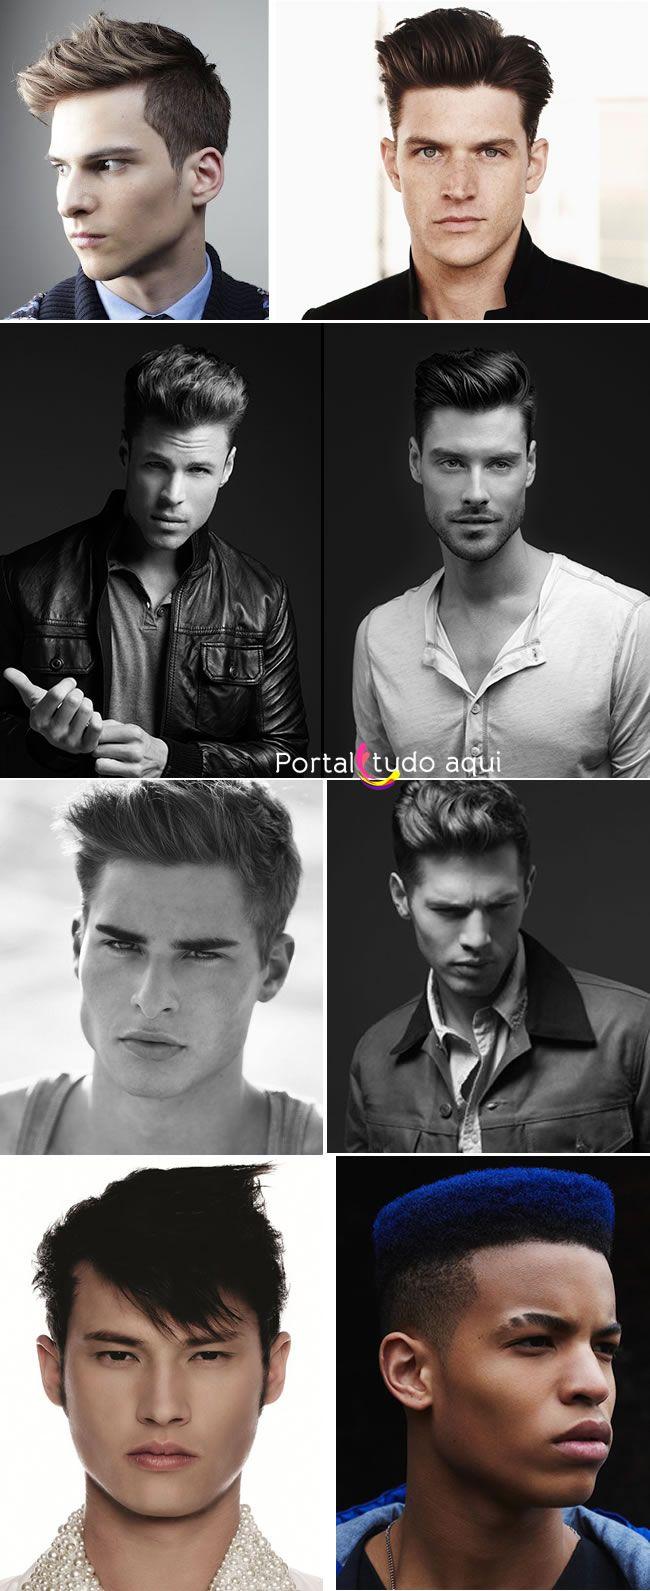 As principais tendências de cortes de cabelo masculino para 2014 são os cortes mais comportados e ecléticos